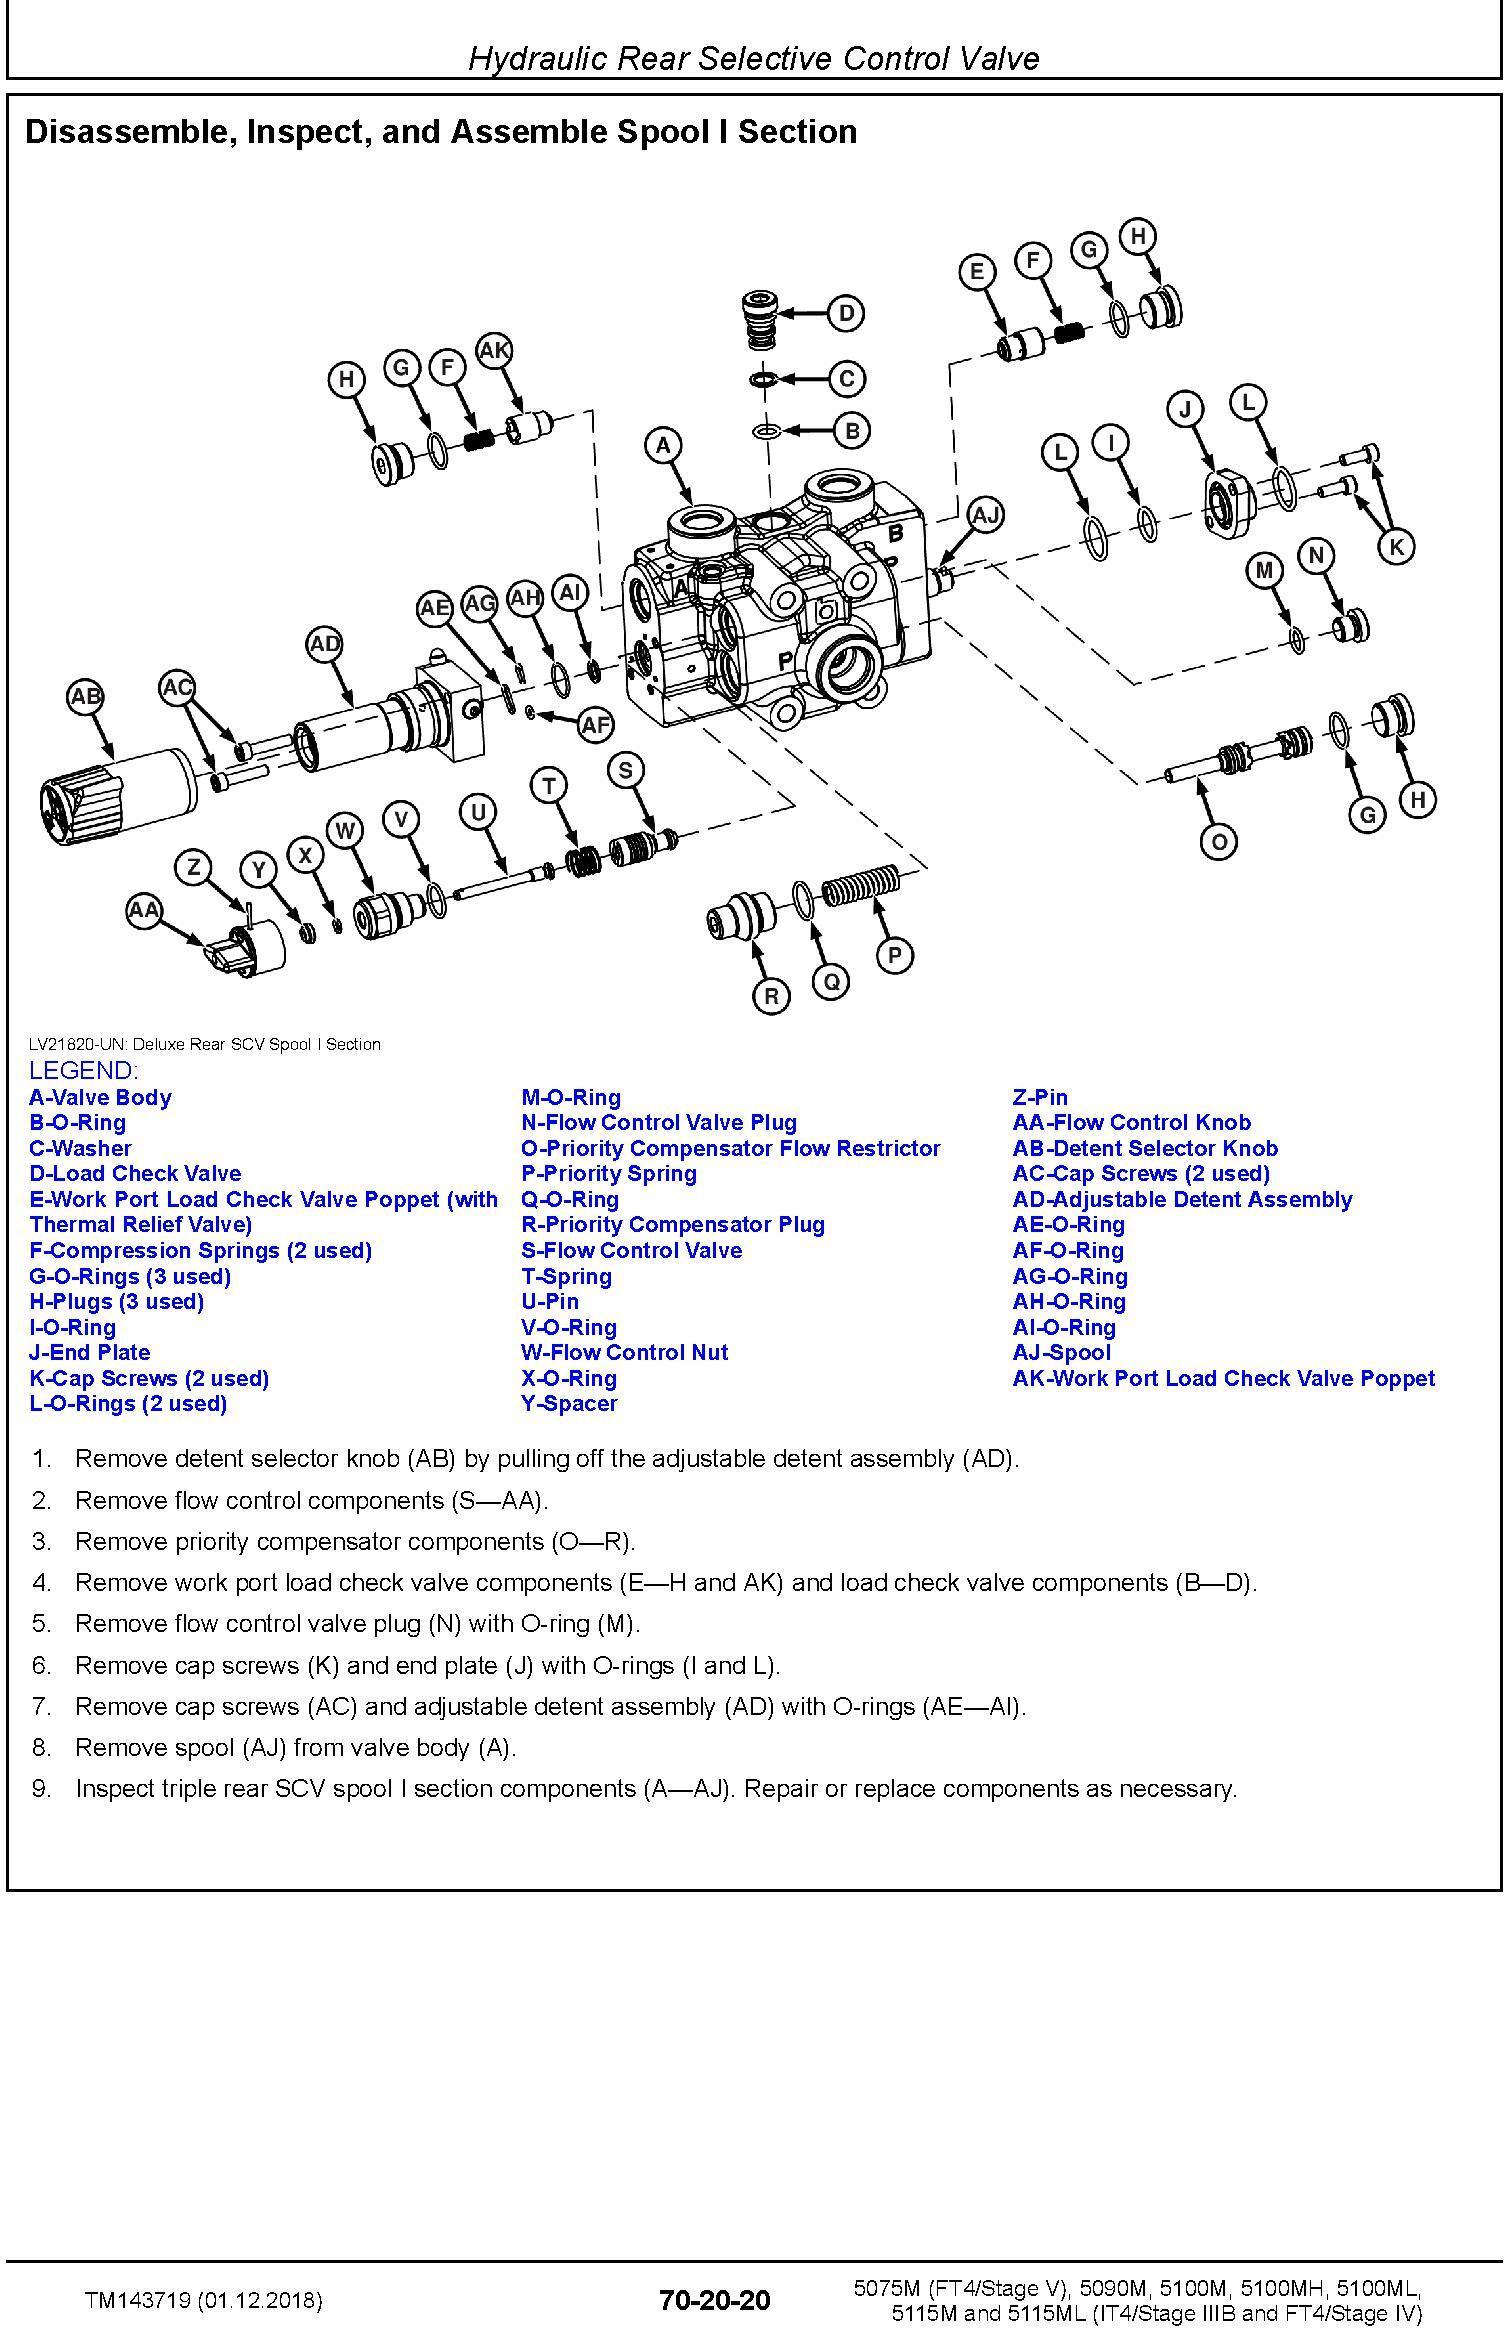 John Deere 5075M 5090M 5100M 5100MH 5100ML 5115M 5115ML Tractors Repair Technical Manual (TM143719) - 2